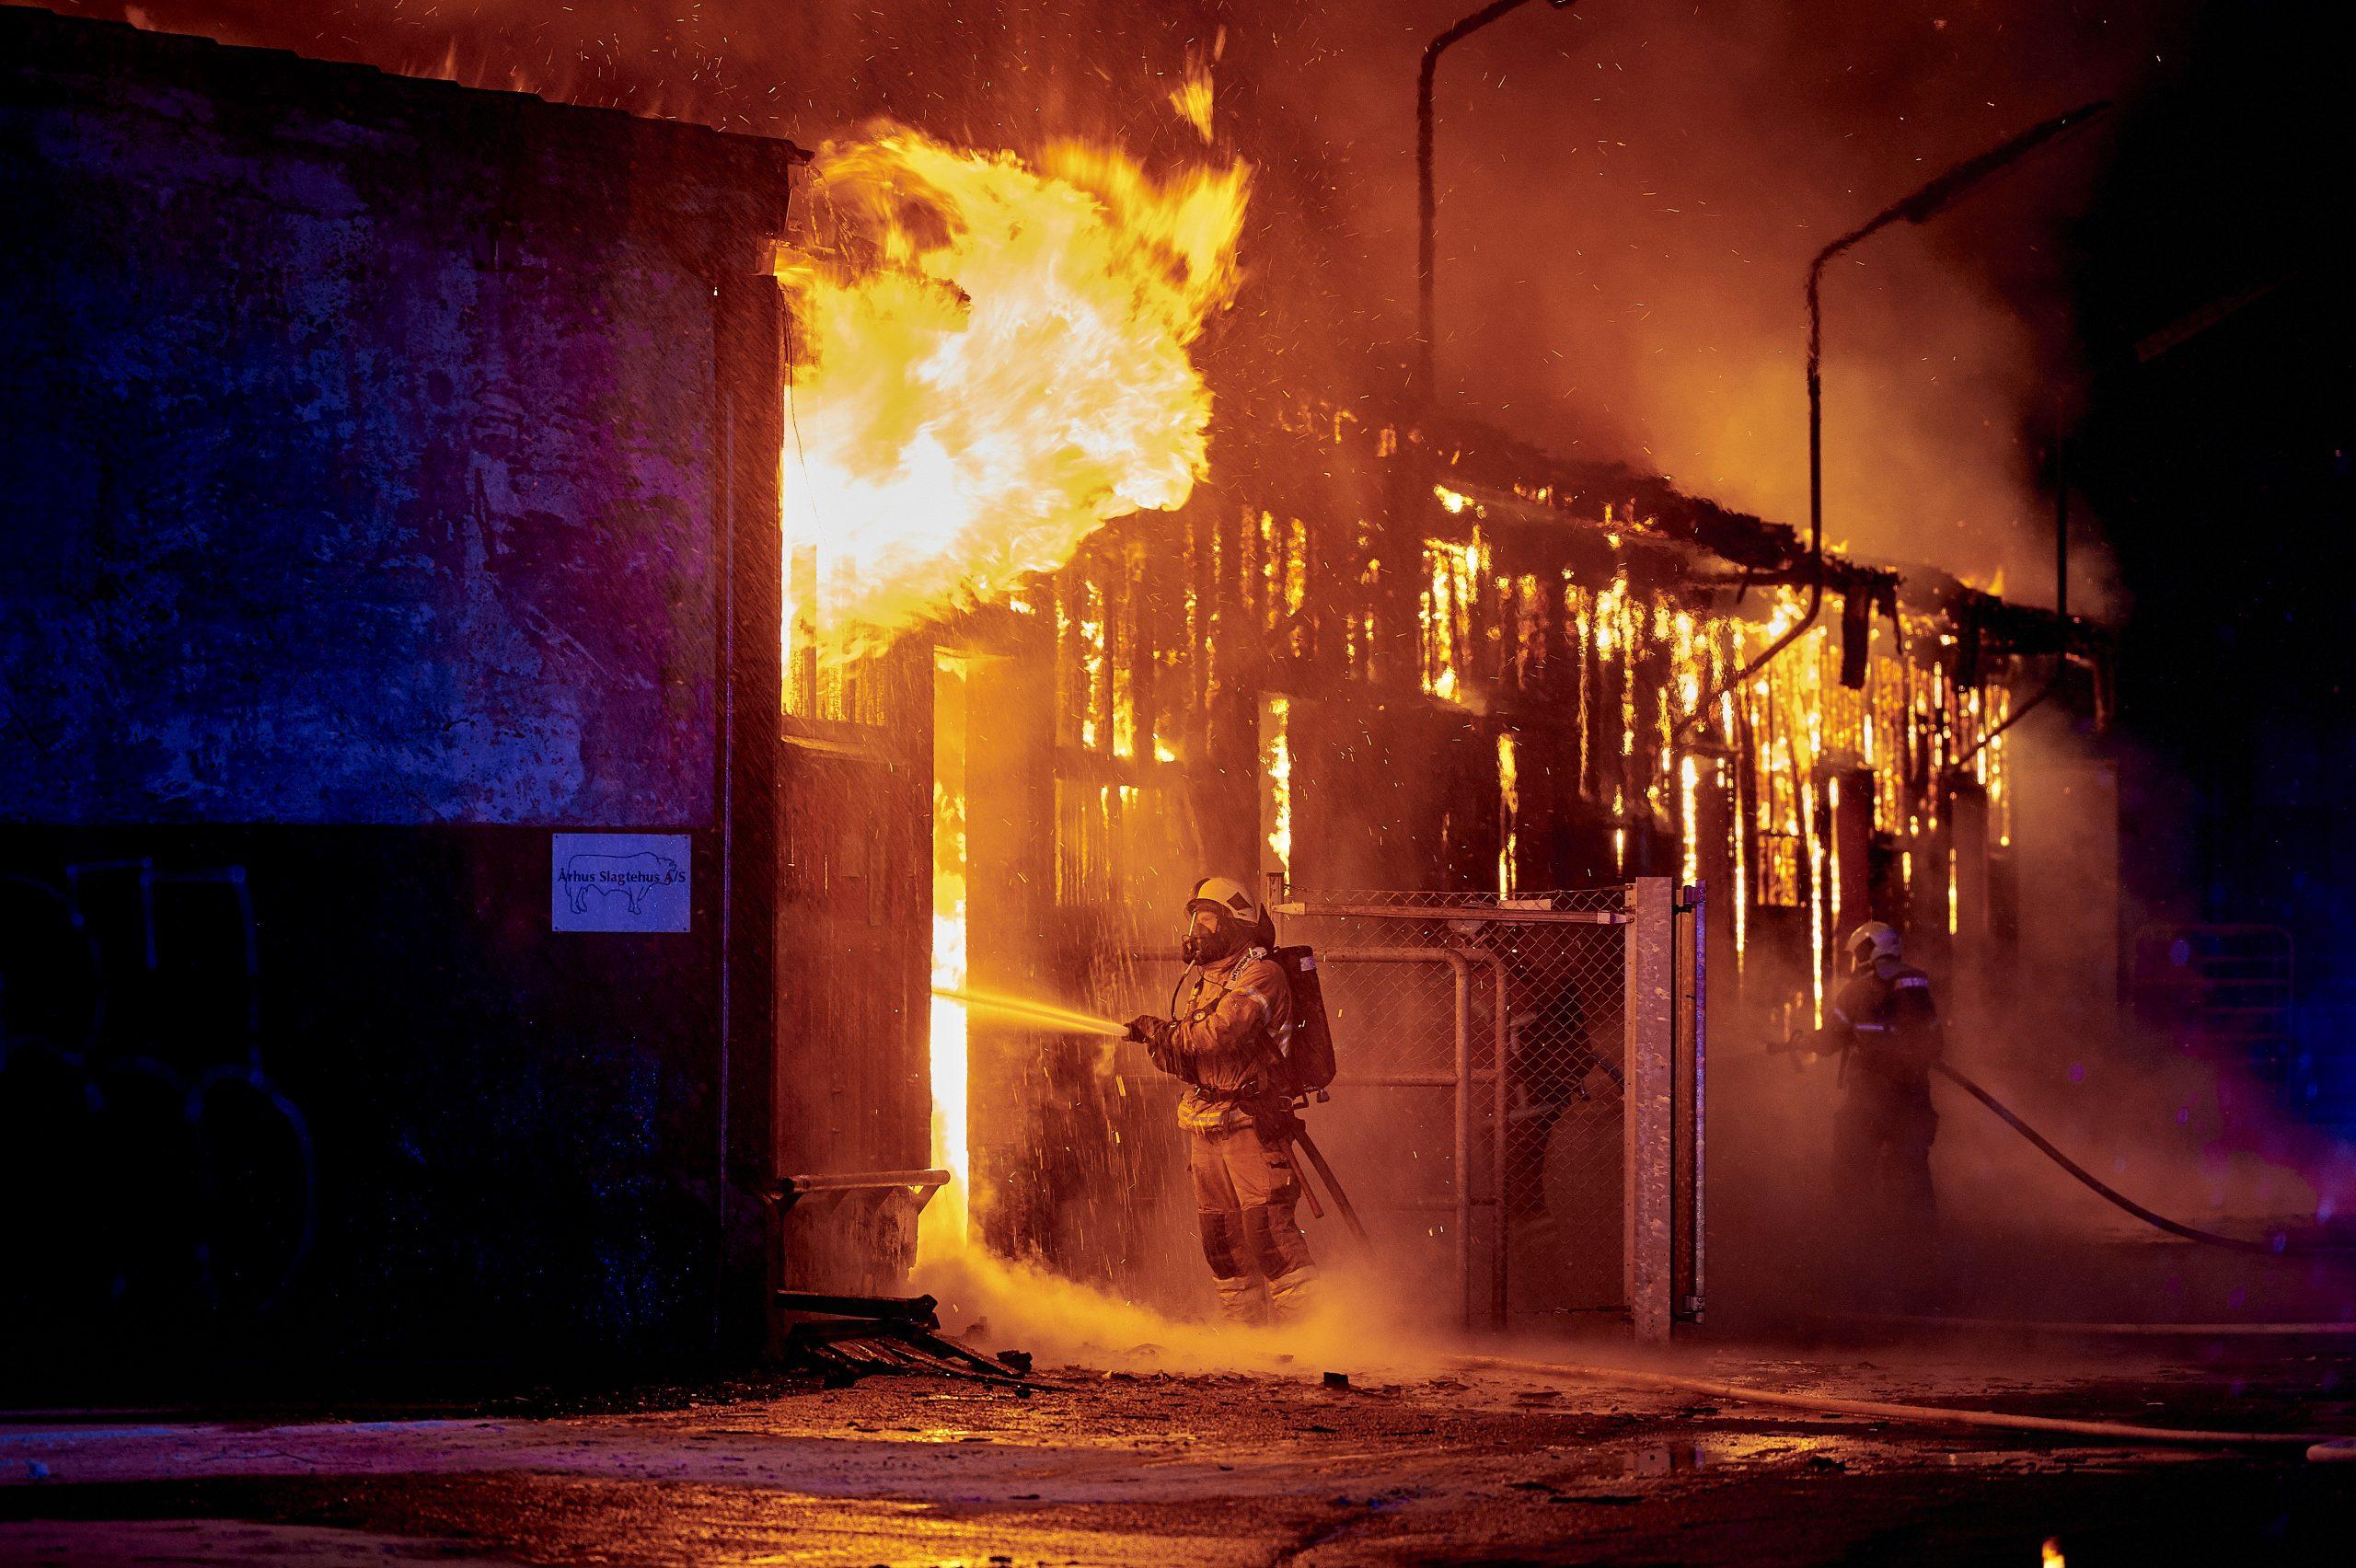 En voldsom brand  i en gammel lagerbygning / stald ved Aarhus Slagerhus på Sydhavnsgade i Aarhus ved Havnen,